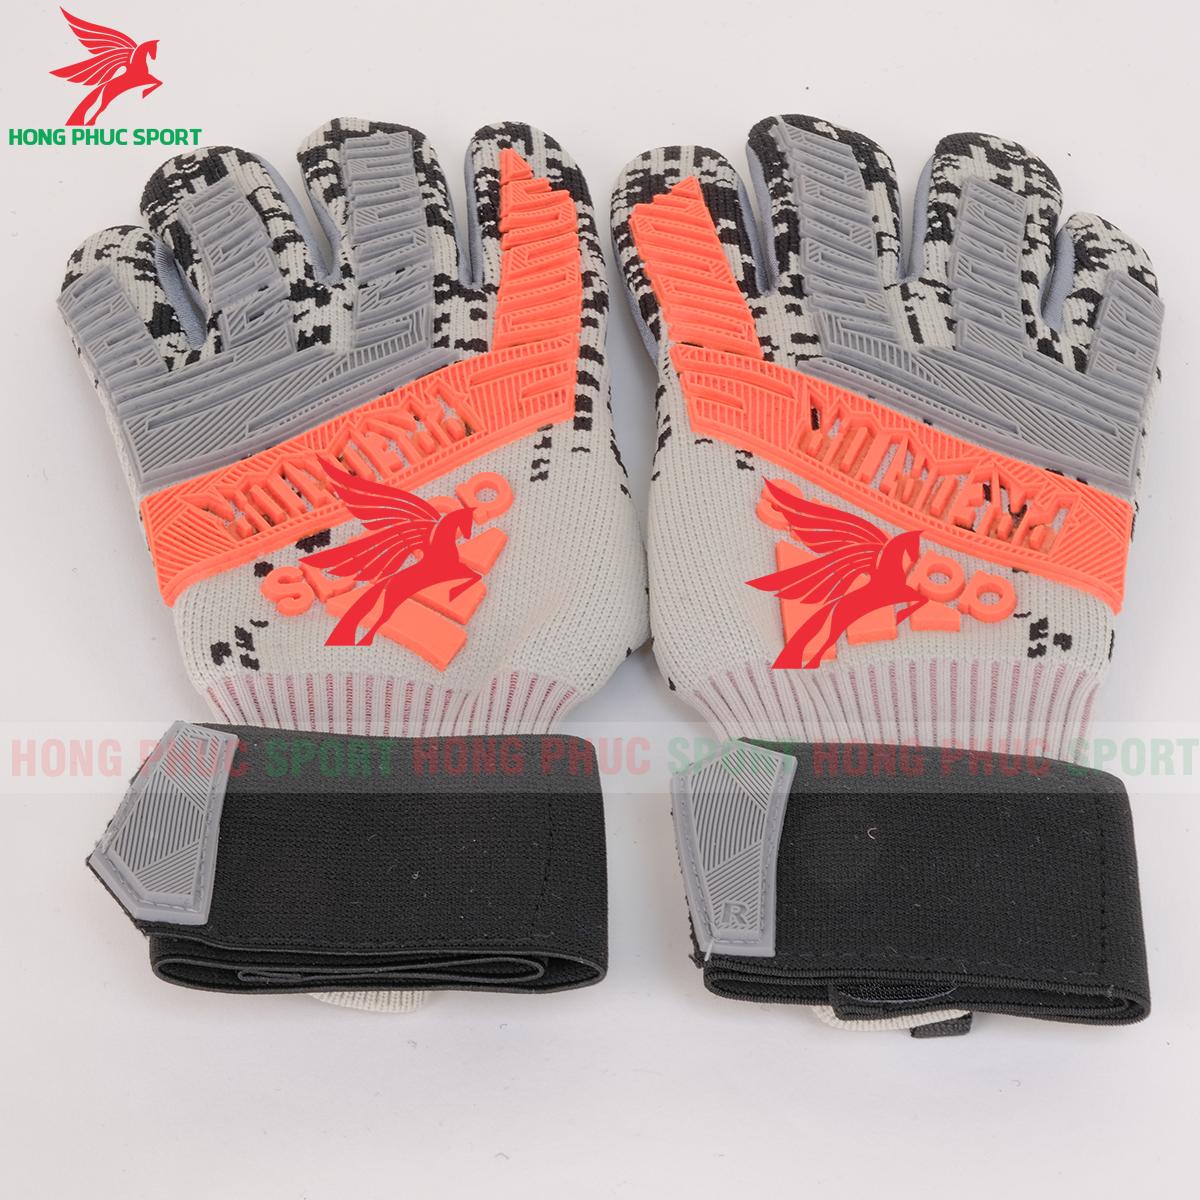 Găng tay thủ môn Adidas Predator không xương mẫu 3